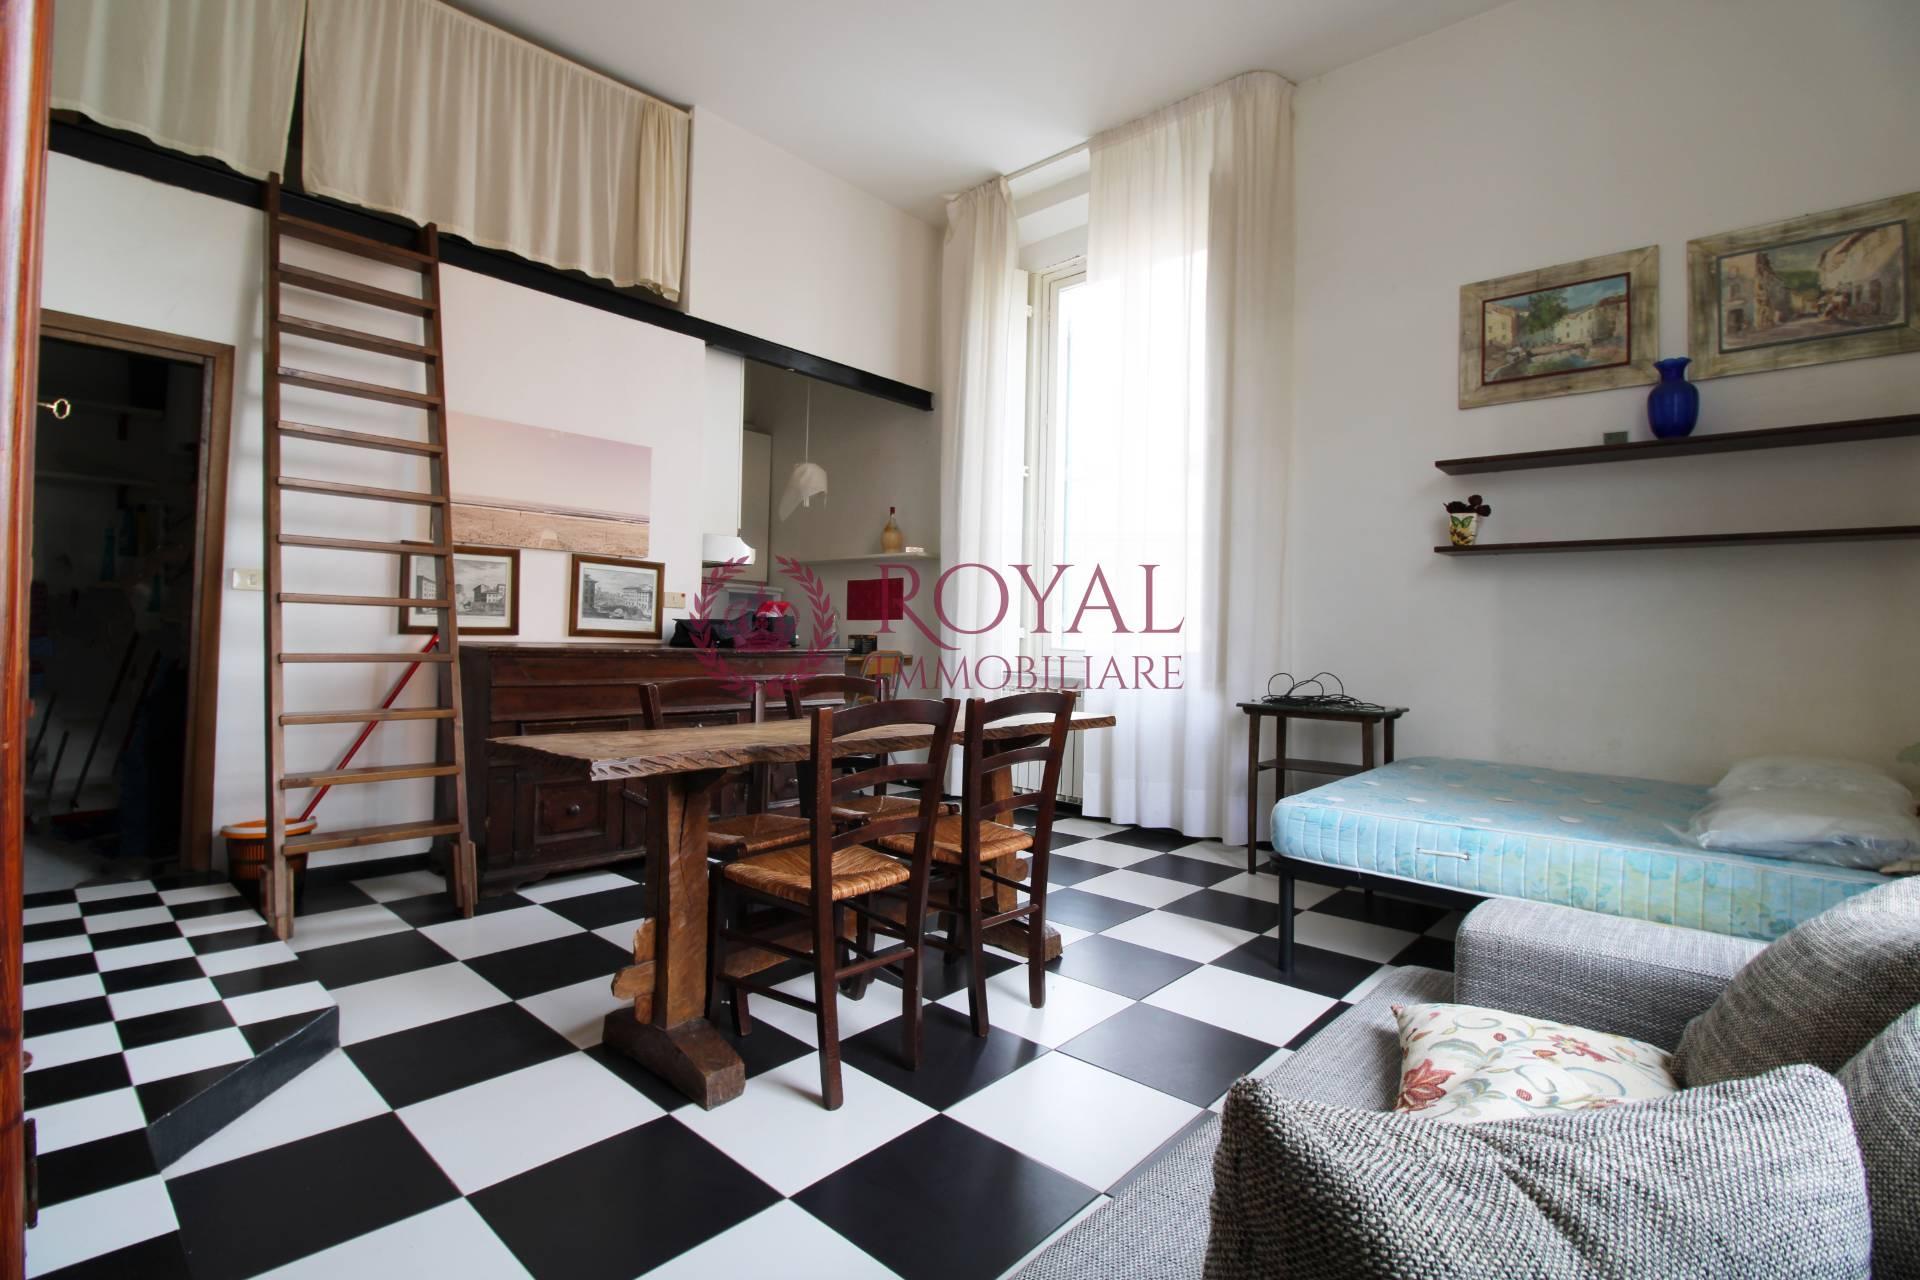 livorno affitto quart: venezia royal-immobiliare-professional-s.a.s.